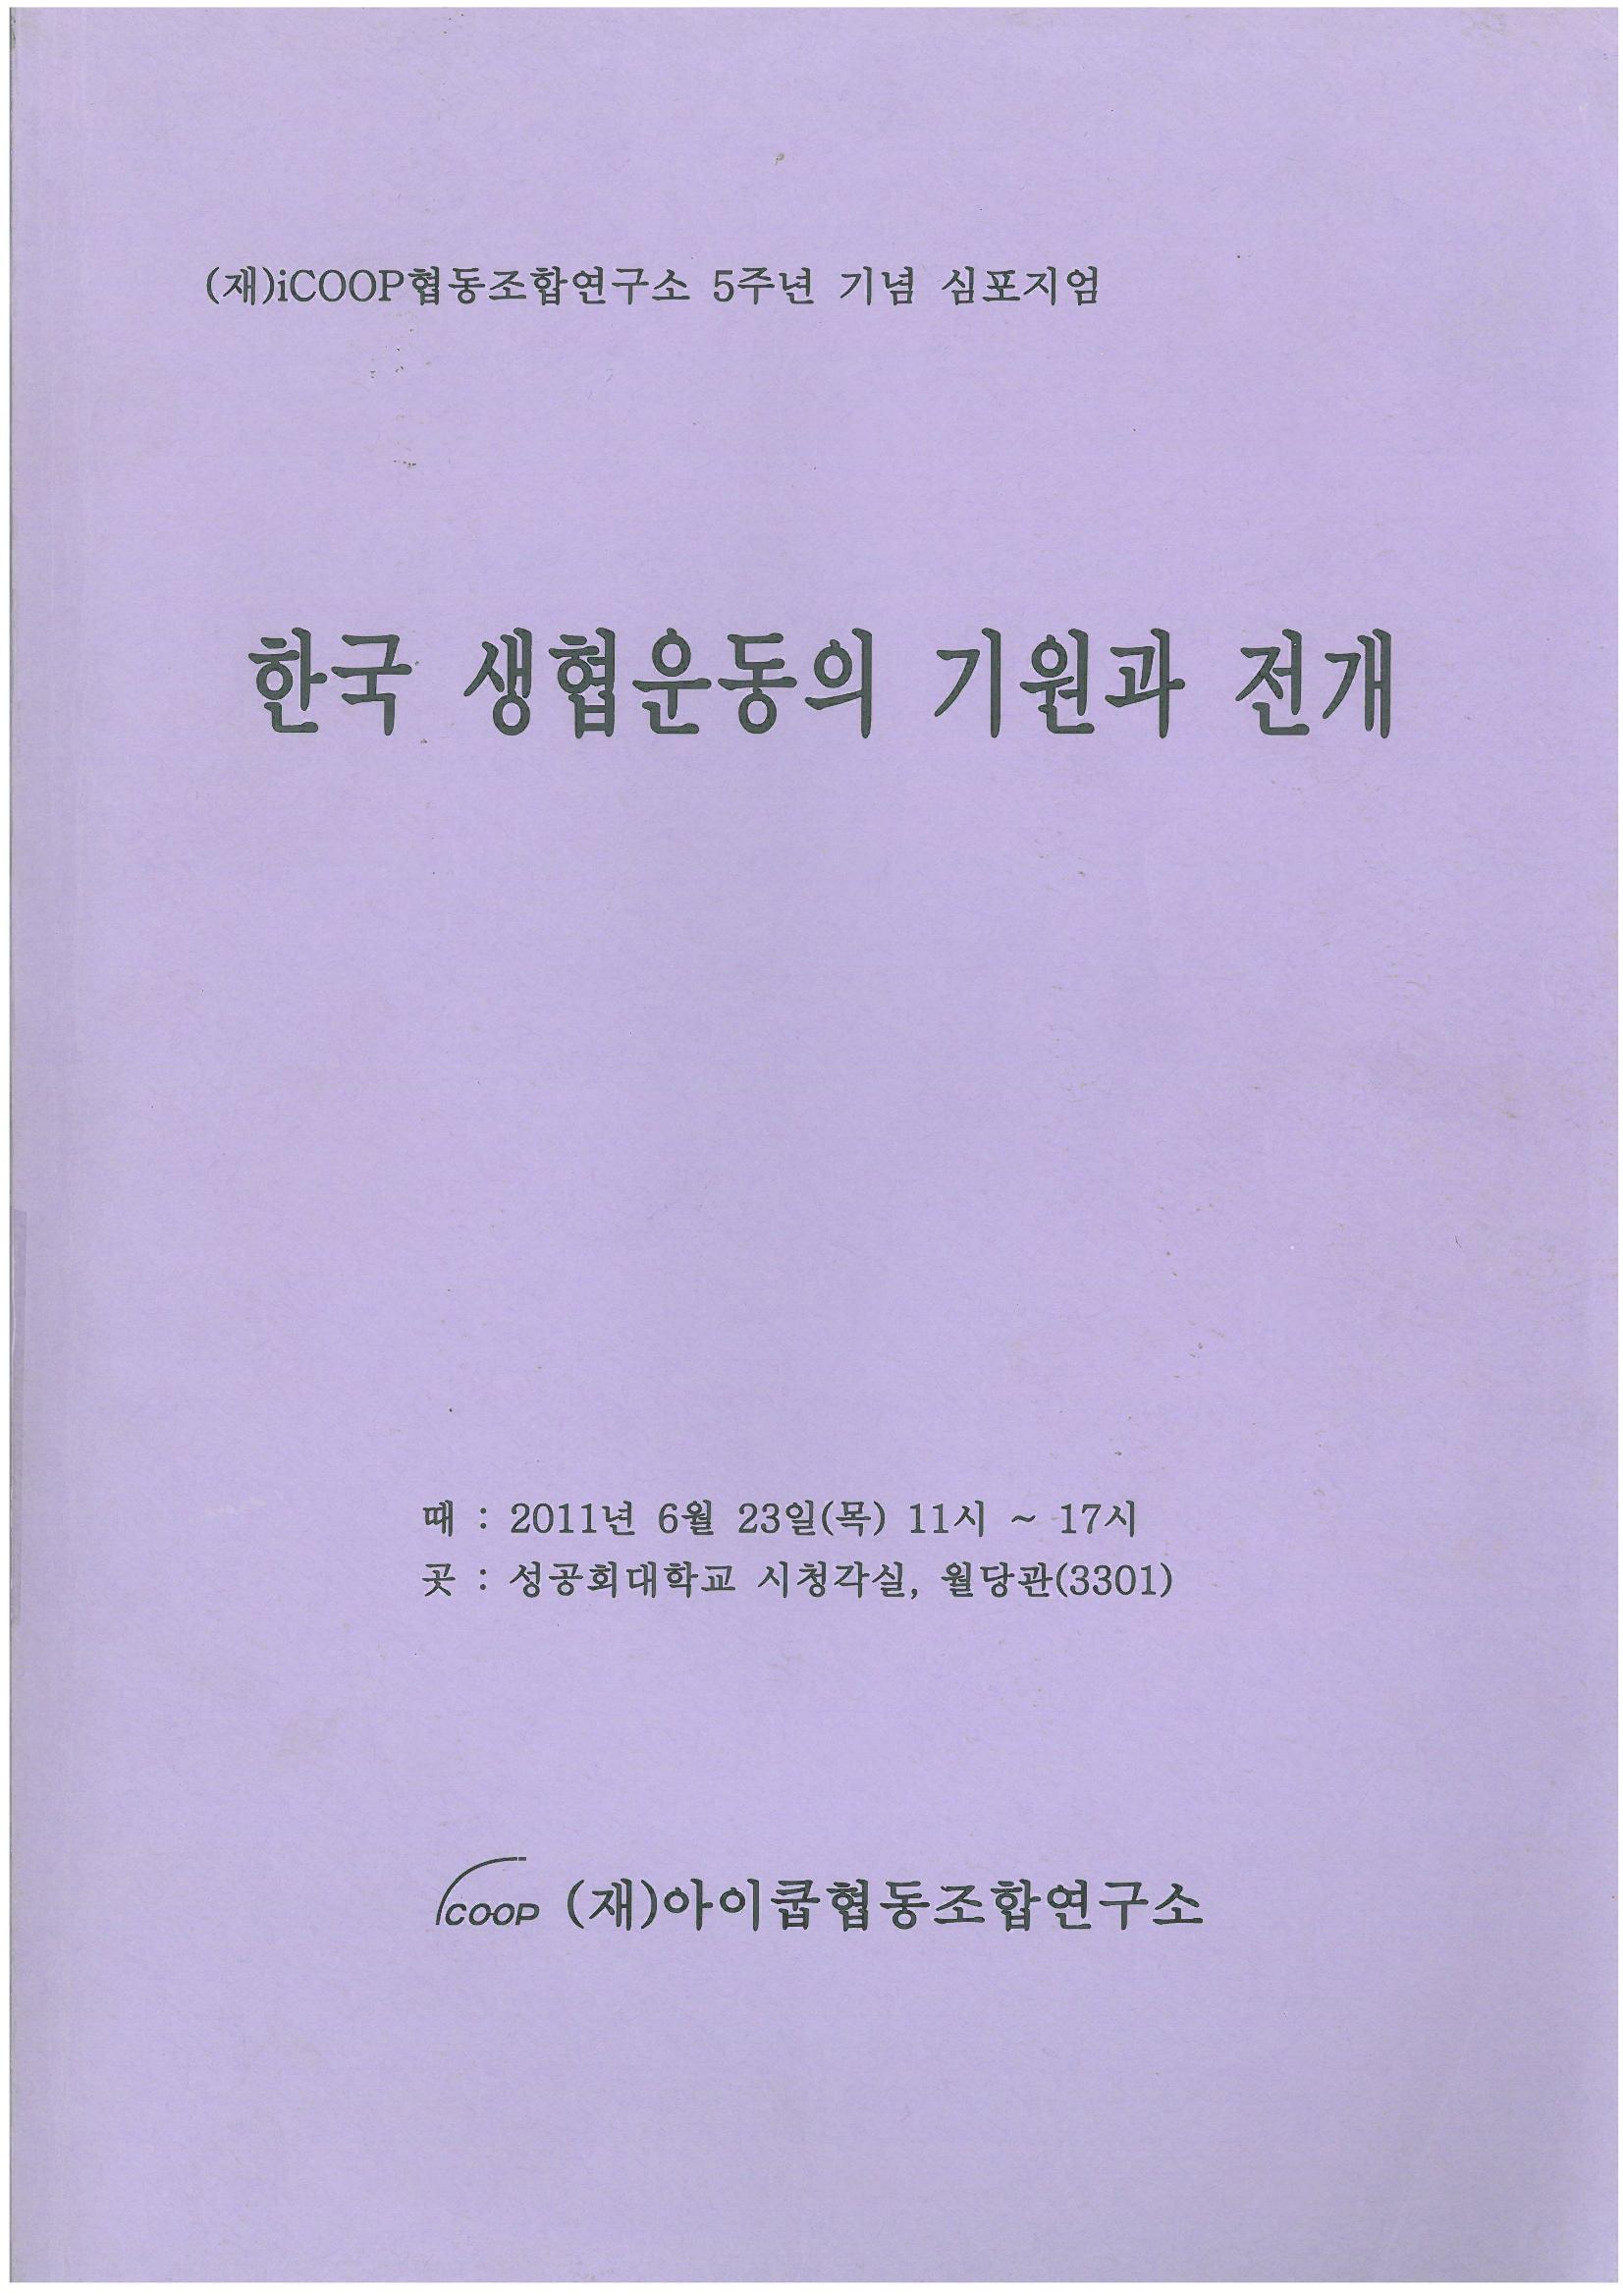 67_((재)iCOOP협동조합연구소 5주년 기념 심포지엄 자료집) 『한국생협운동의 기원과 전개』.jpg